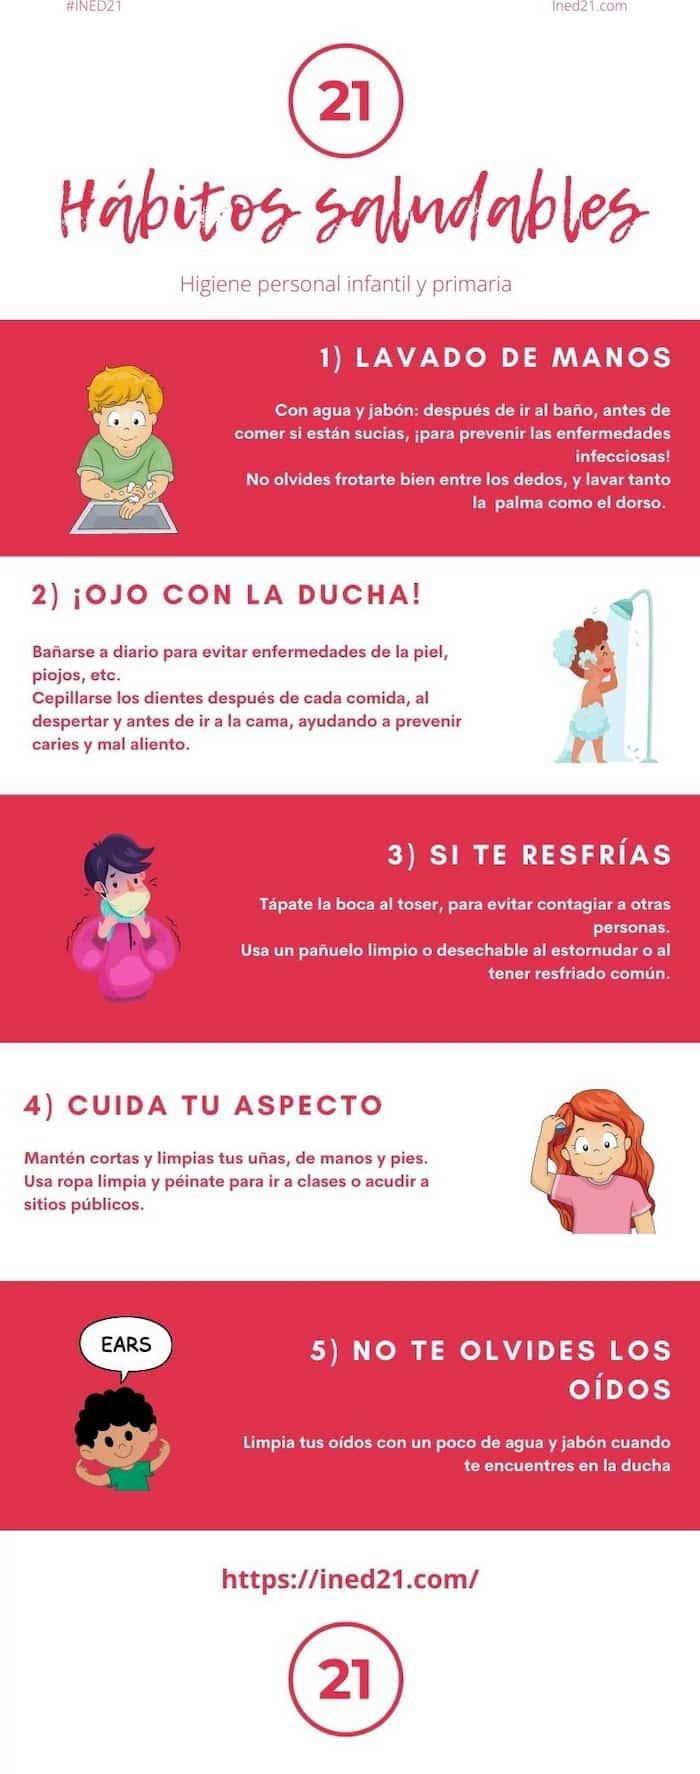 habitos saludables infantil primaria